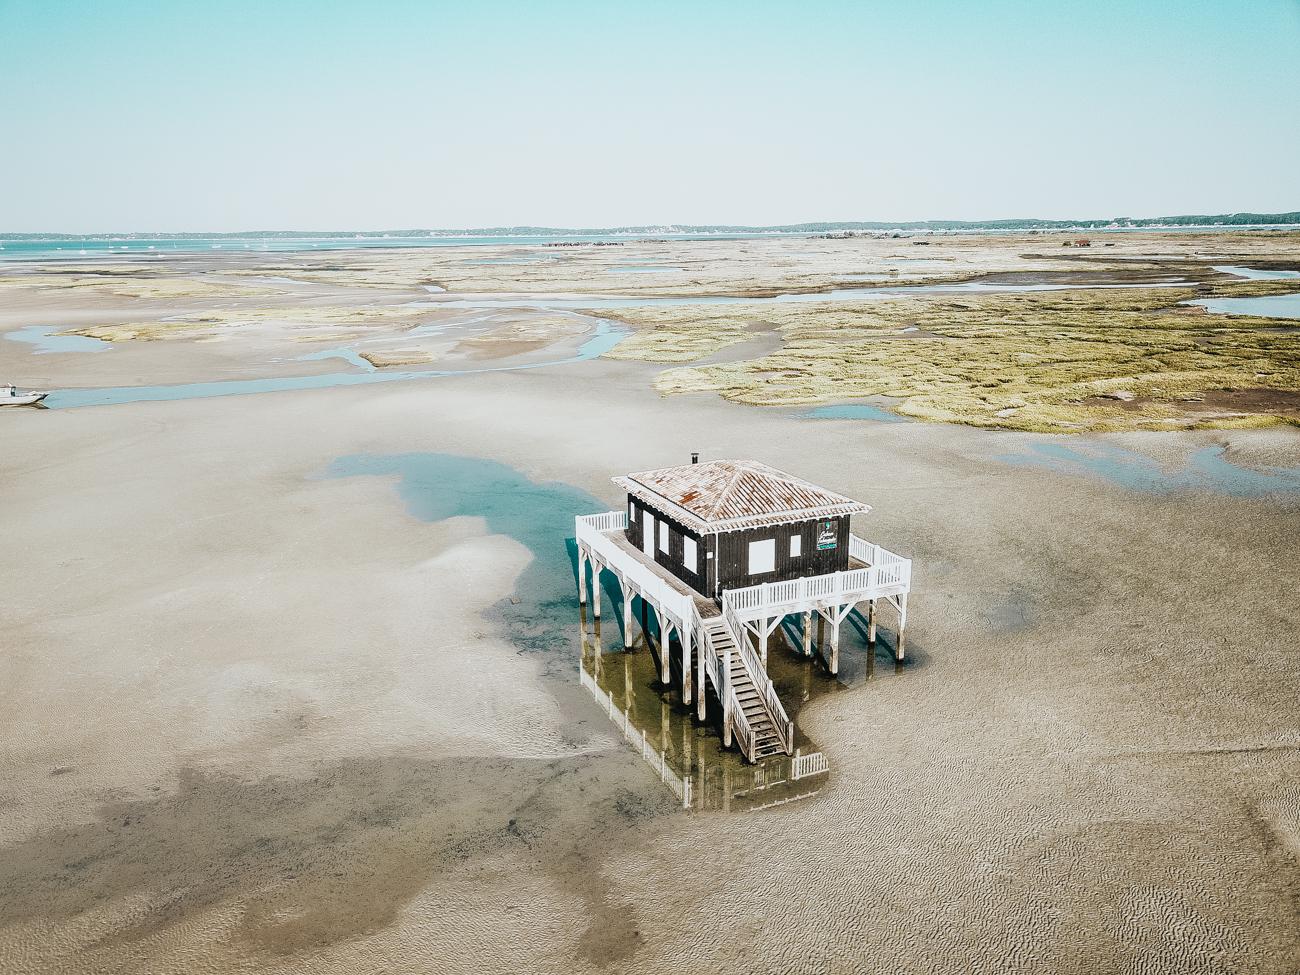 cabanes tchanquées, bassin arcachon, drone, blog